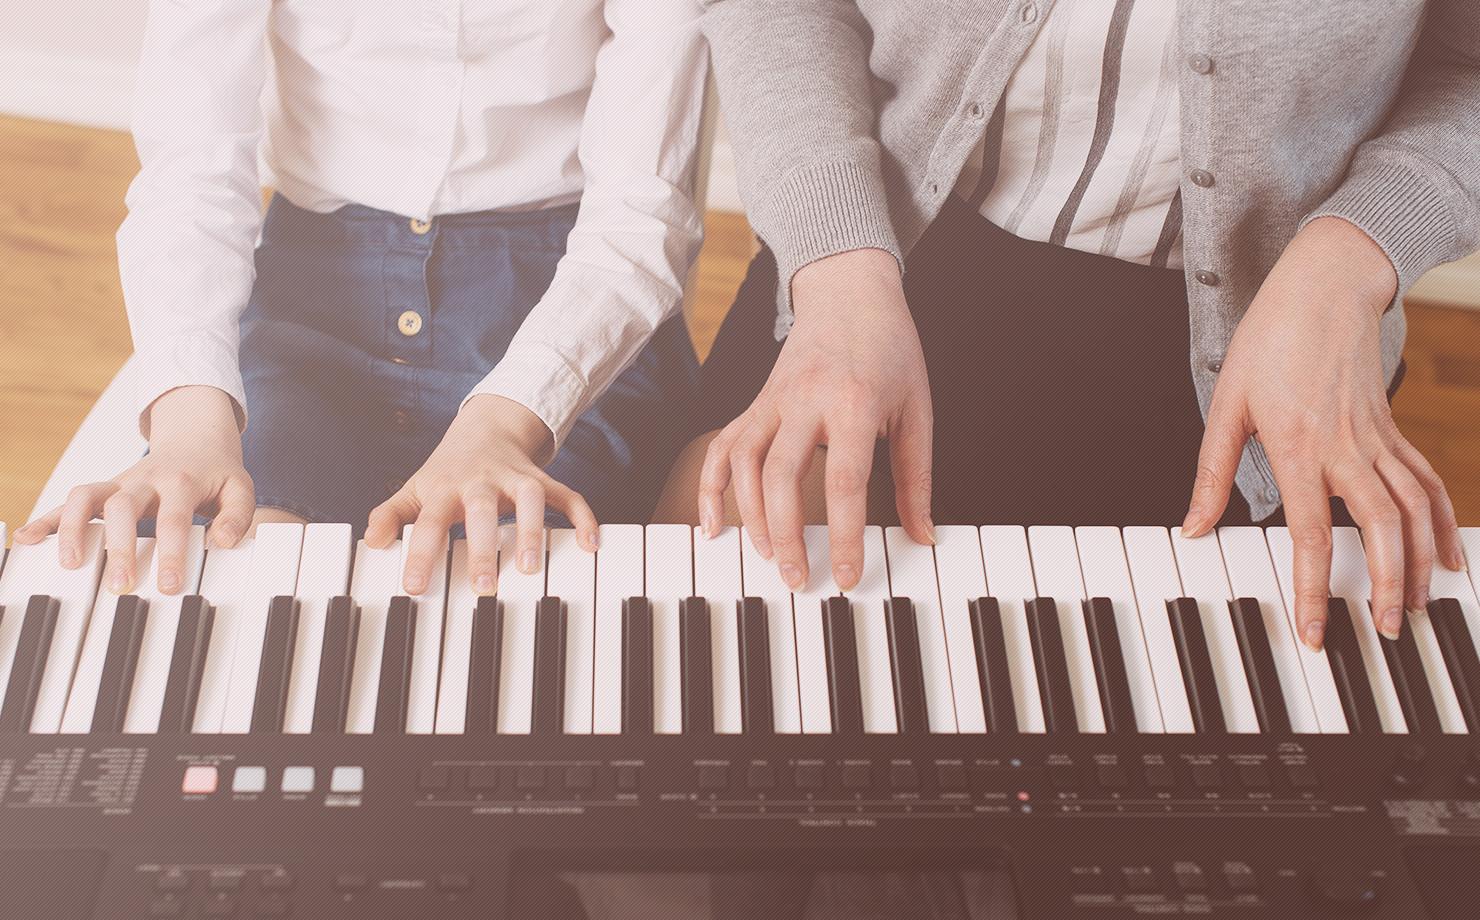 アーツMusic School